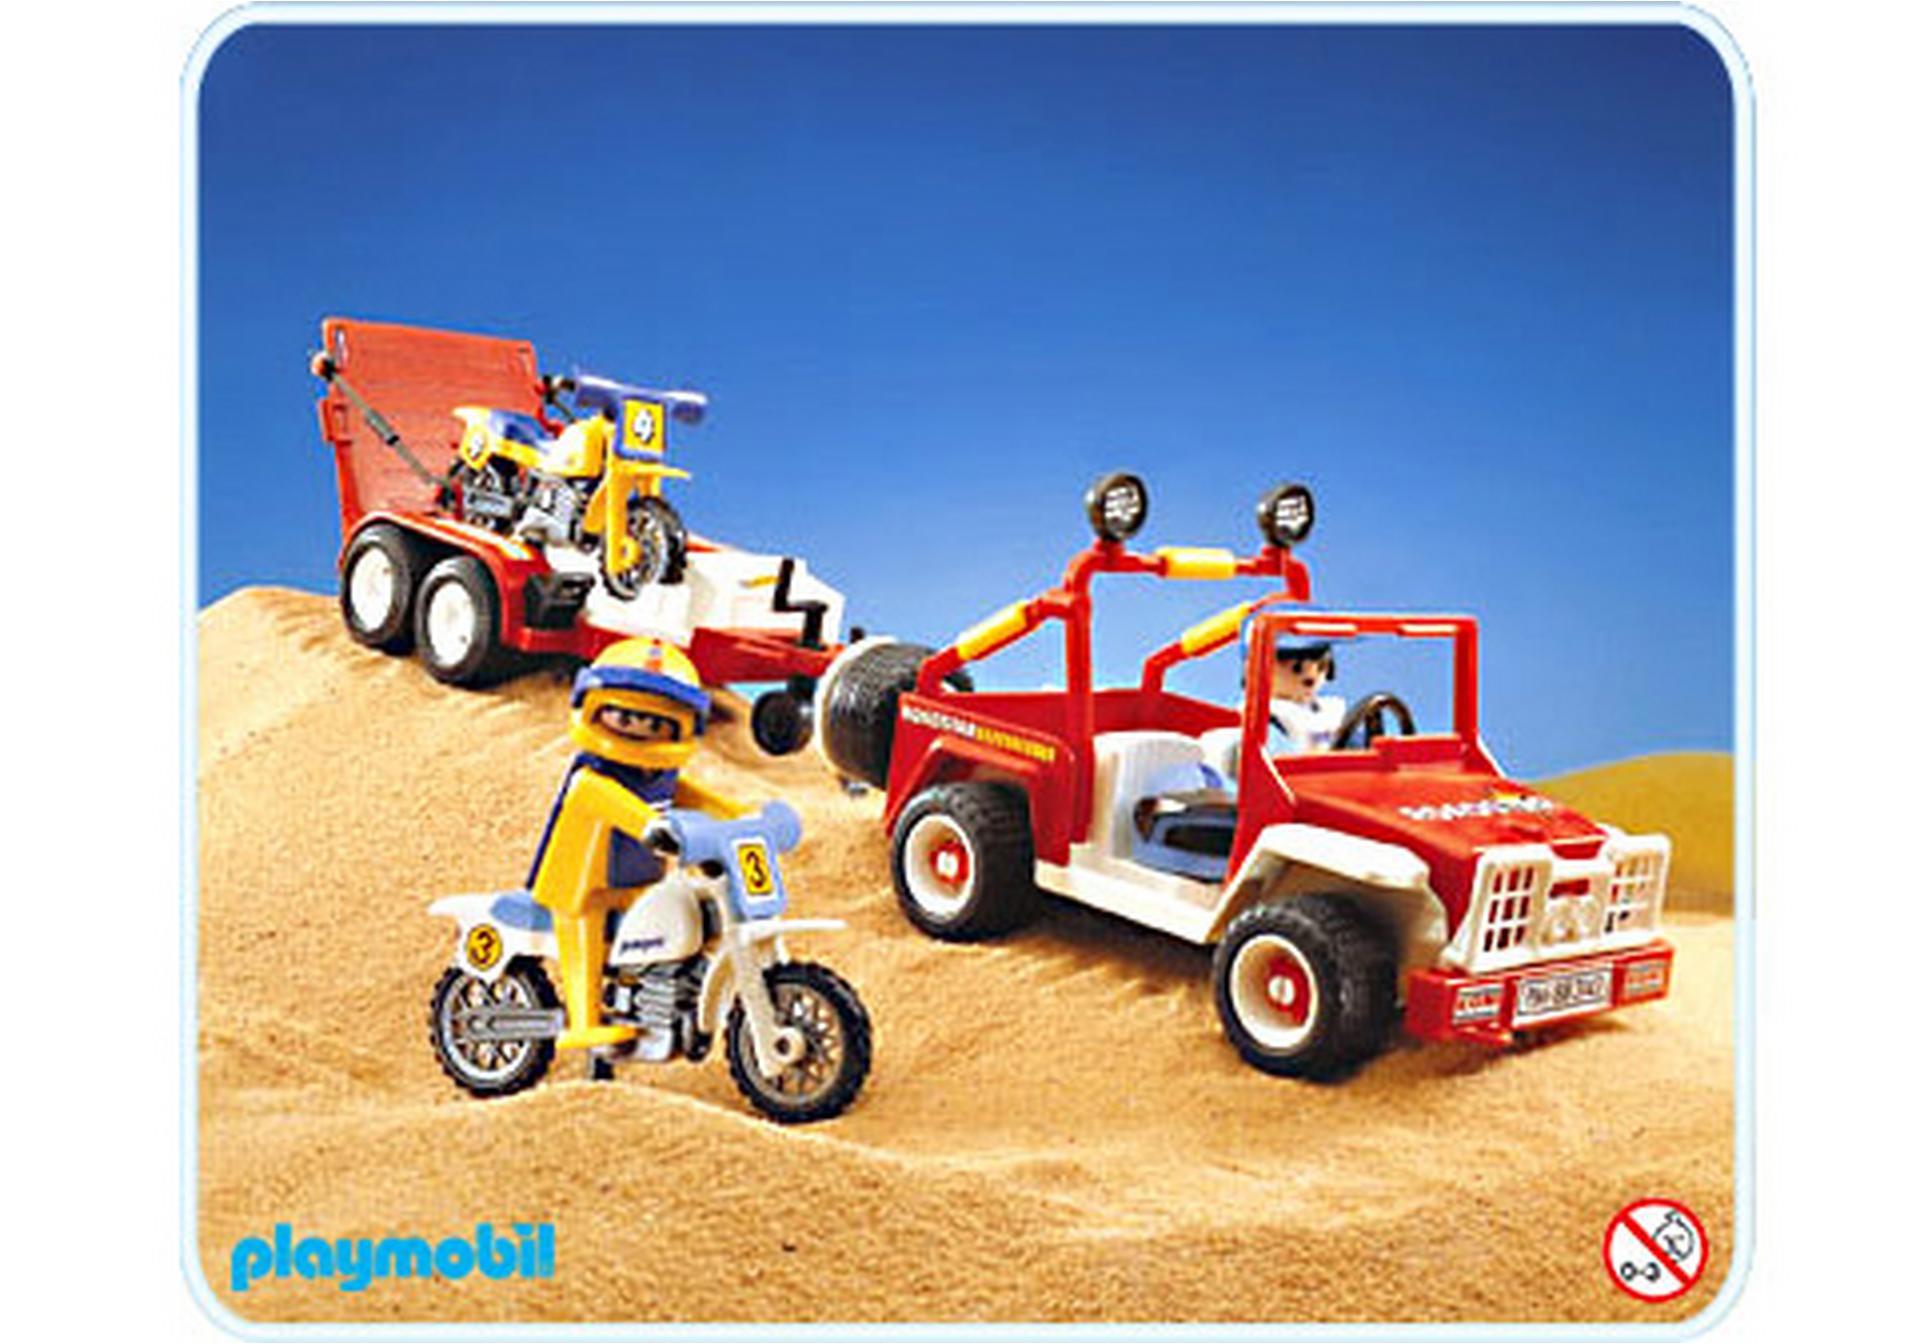 Gel ndewagen motocross 3143 a playmobil schweiz for Jugendzimmer playmobil